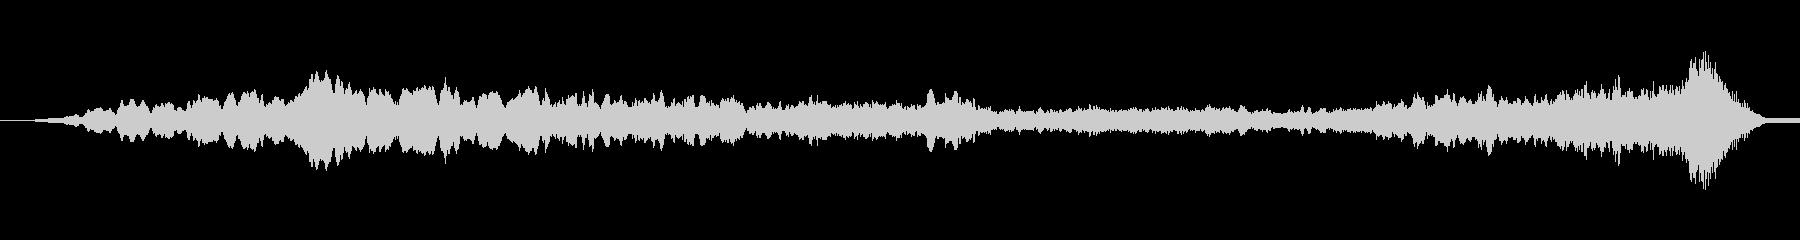 クロウシティ、バグアウト!、電子;...の未再生の波形